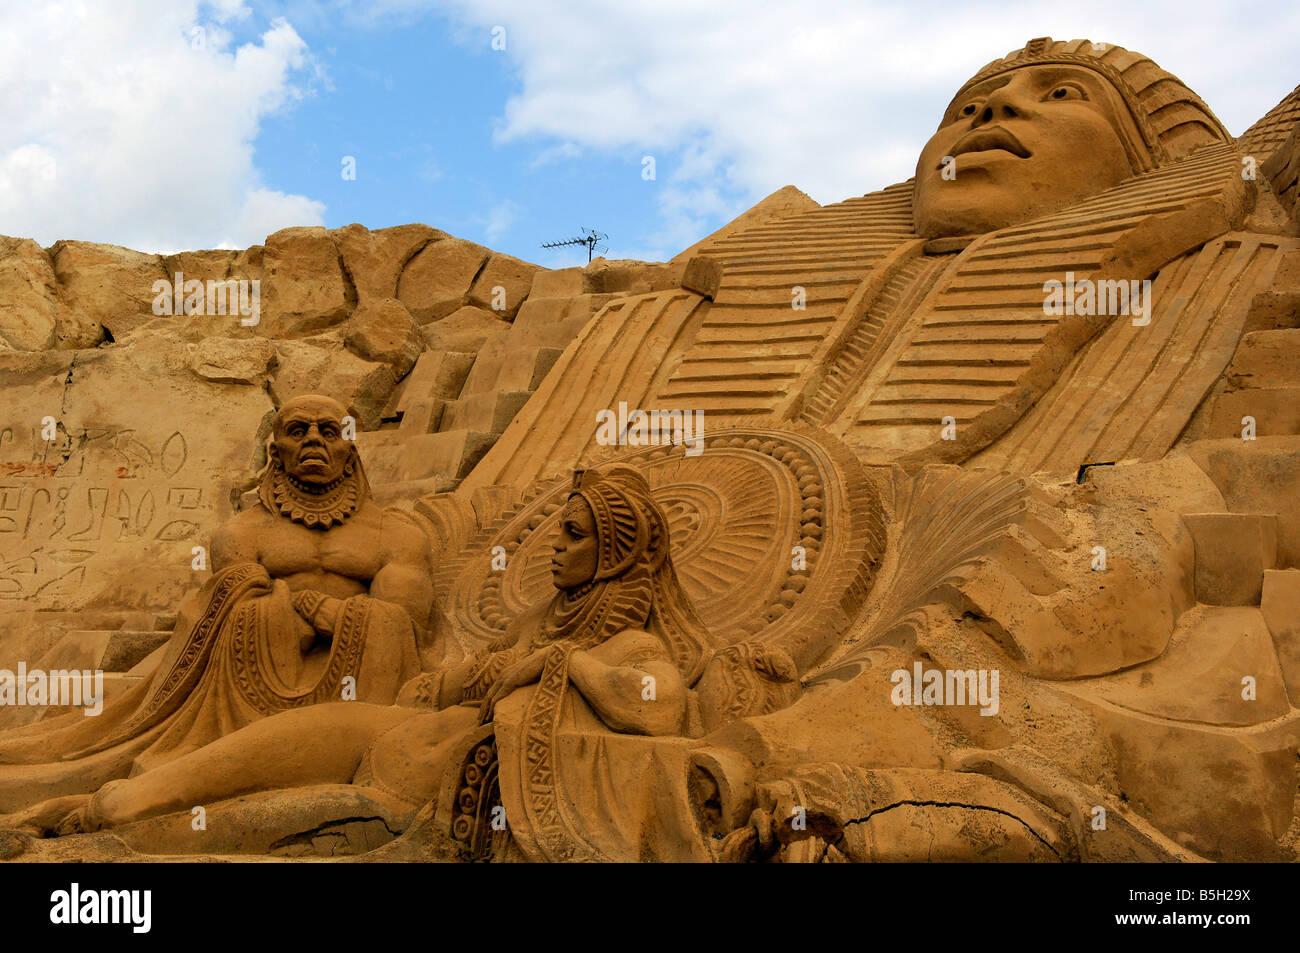 pharaoh egyptian ancient egypt royalty Stock Photo: 20658678